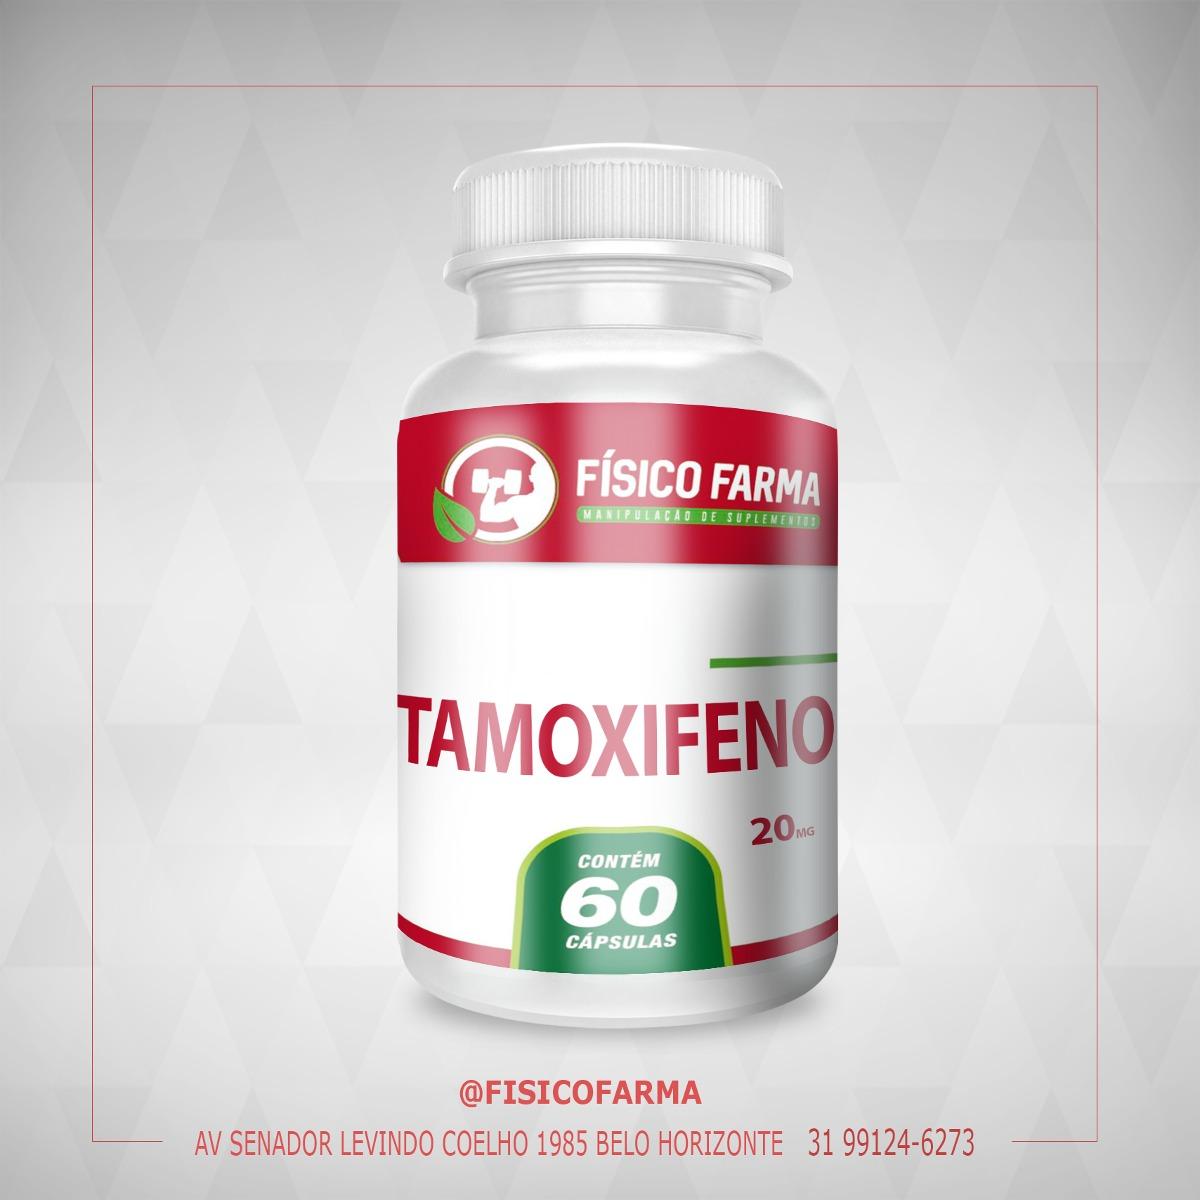 Tamoxifeno 20mg 60 Cápsulas